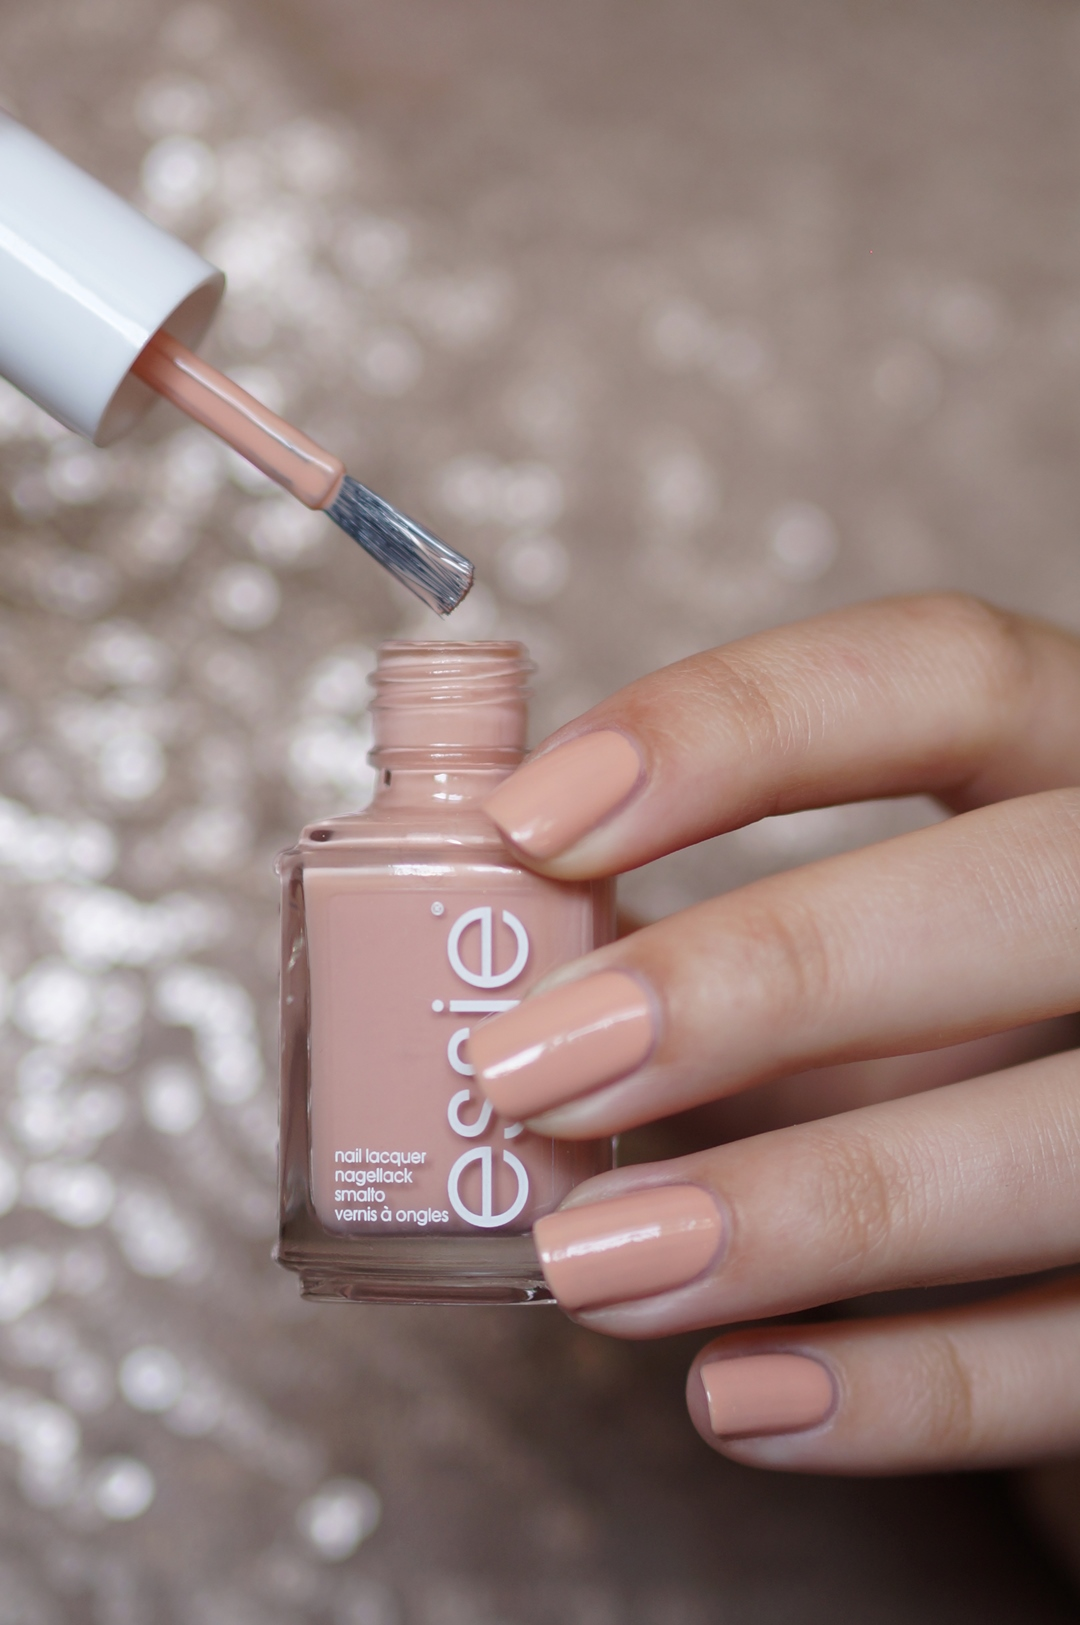 Essie-flowerista-perennial-chic-swatches-beautyill (2)